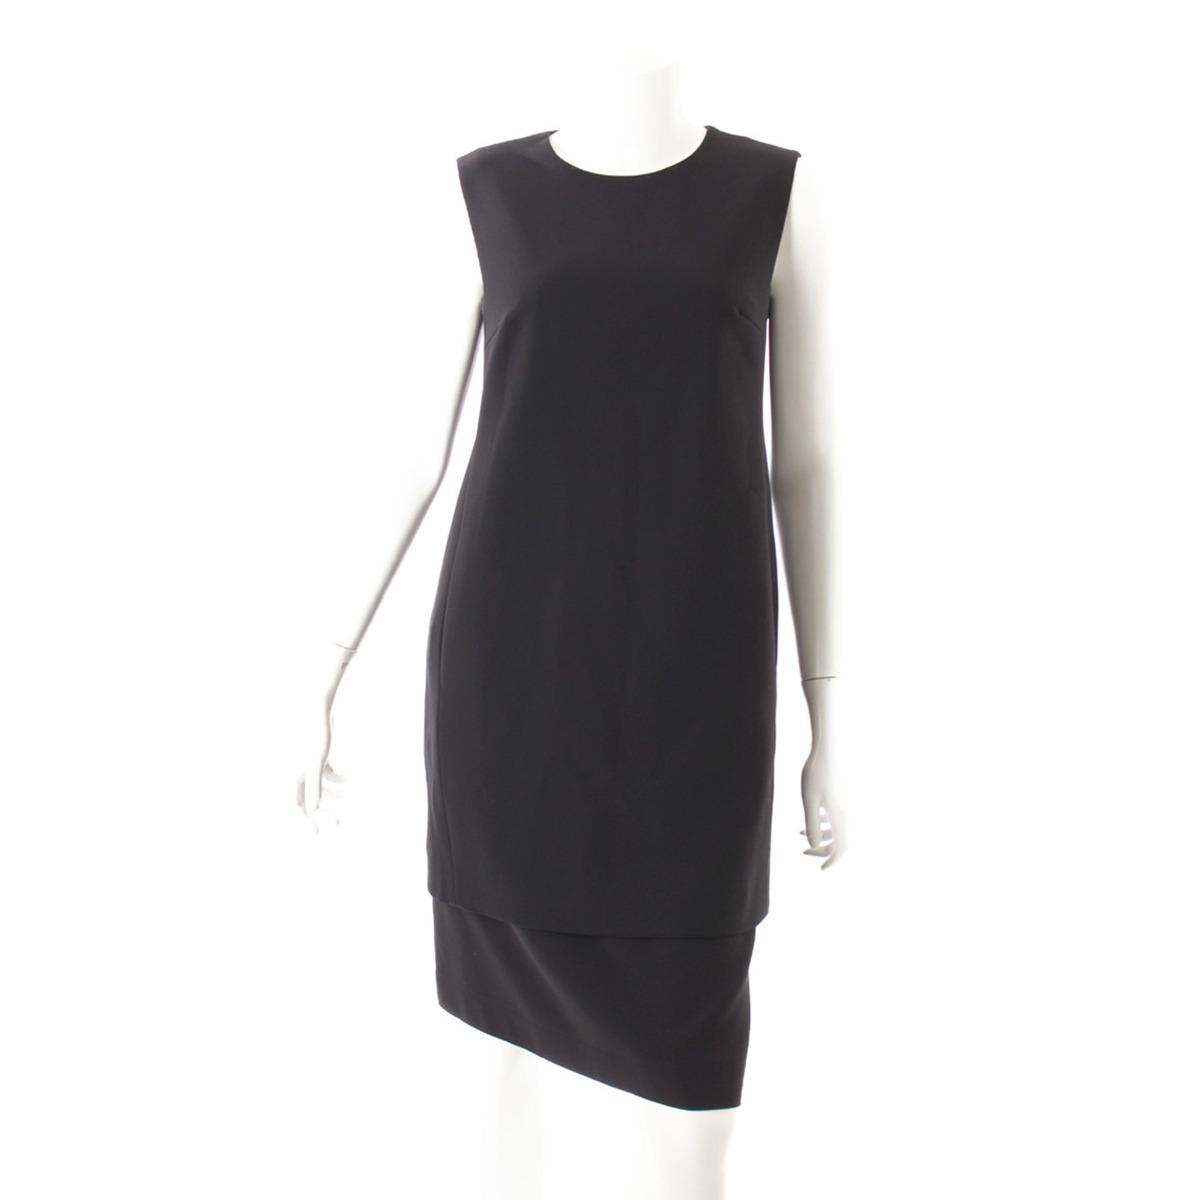 【フォクシーニューヨーク】Foxey New York Over Mini スカート付 ワンピース 32632 ブラック 40 【中古】【鑑定済・正規品保証】40649